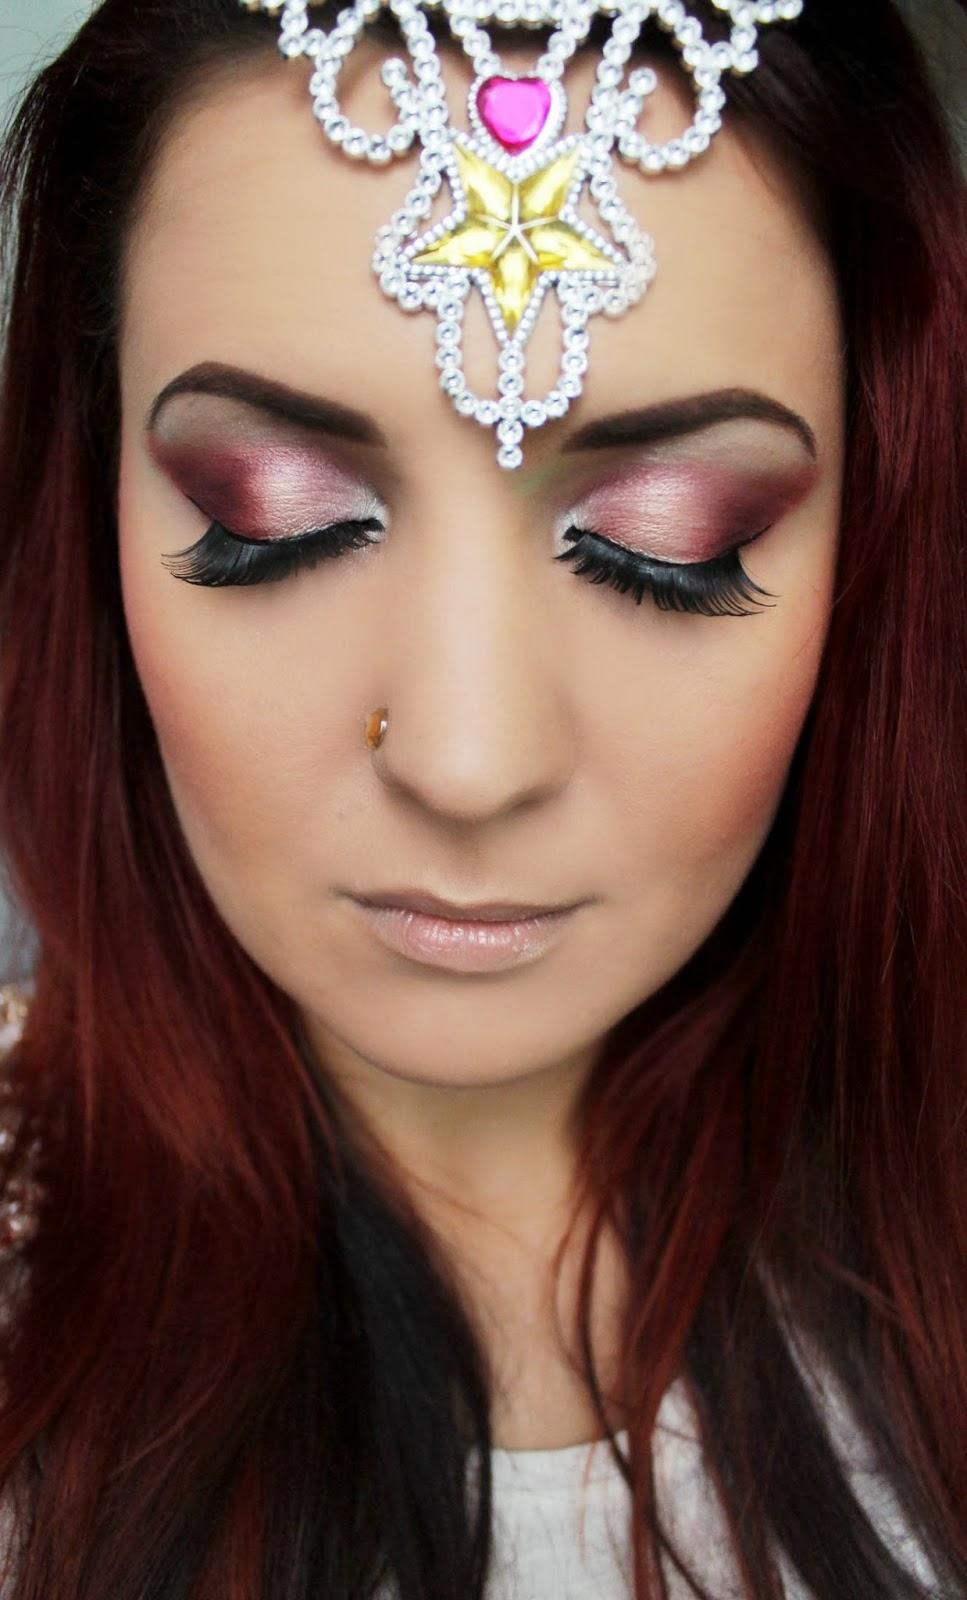 Make Up 4 Everyone: Bollywood